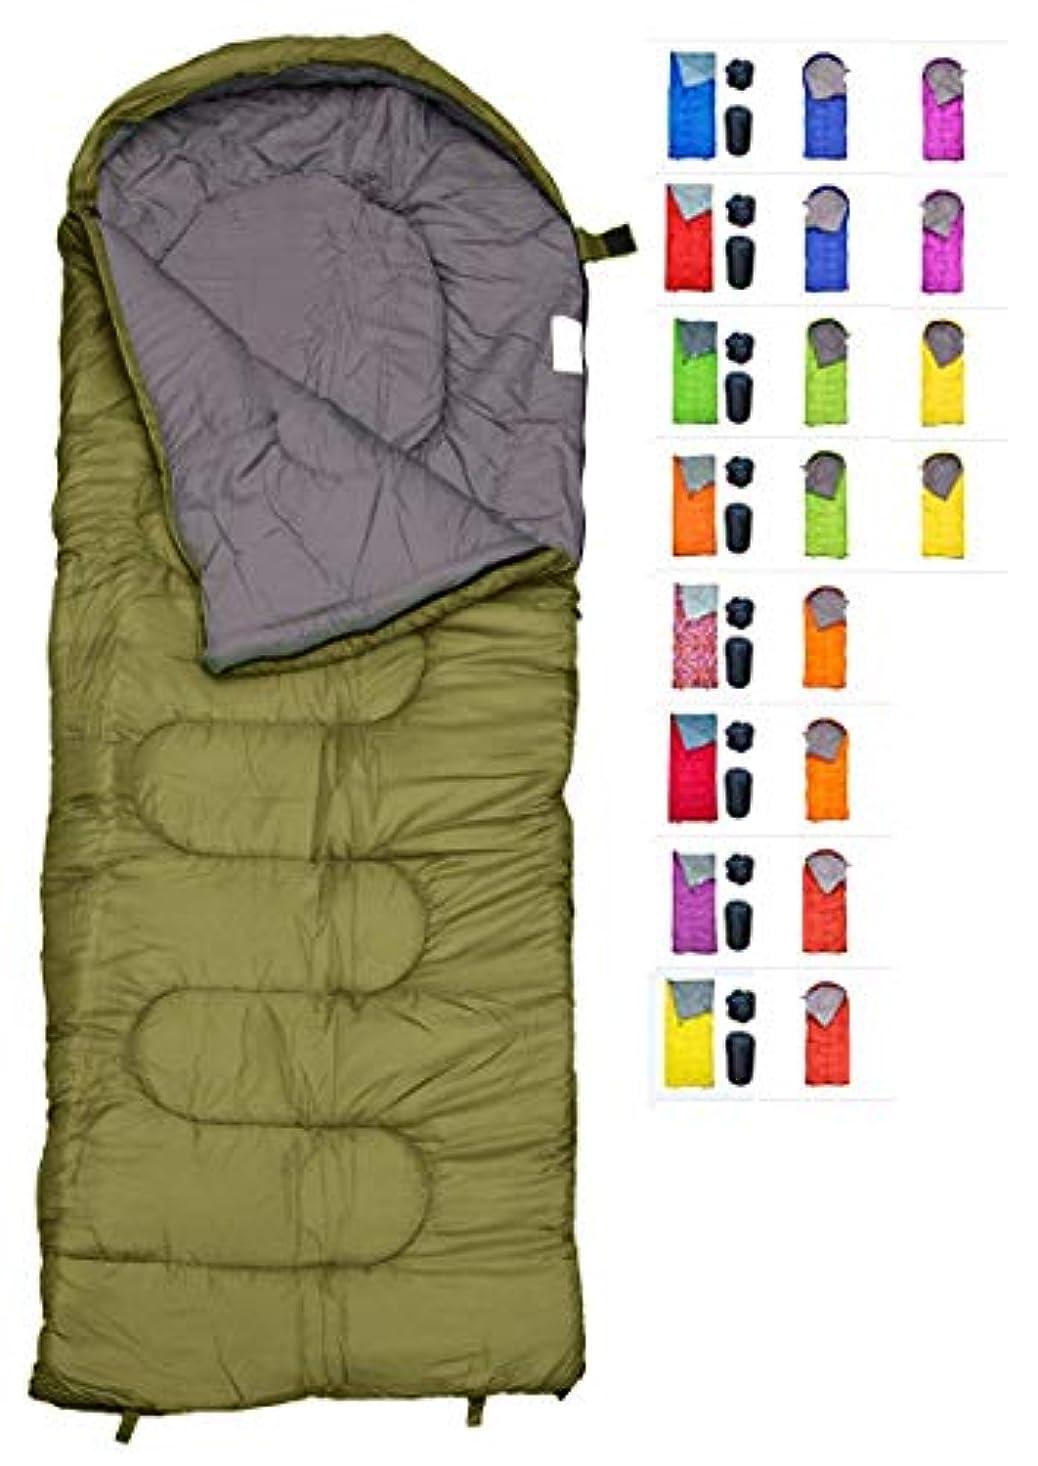 診療所上回る天国寒さのためのREVALCAMPスリーピングバッグ - 4シーズンのエンベロープのシェイプバッグby Kids、Teens&Adults。暖かくて軽い - ハイキング、バックパッキング&キャンプに最適(オリーブ - エンベロープ左郵便)